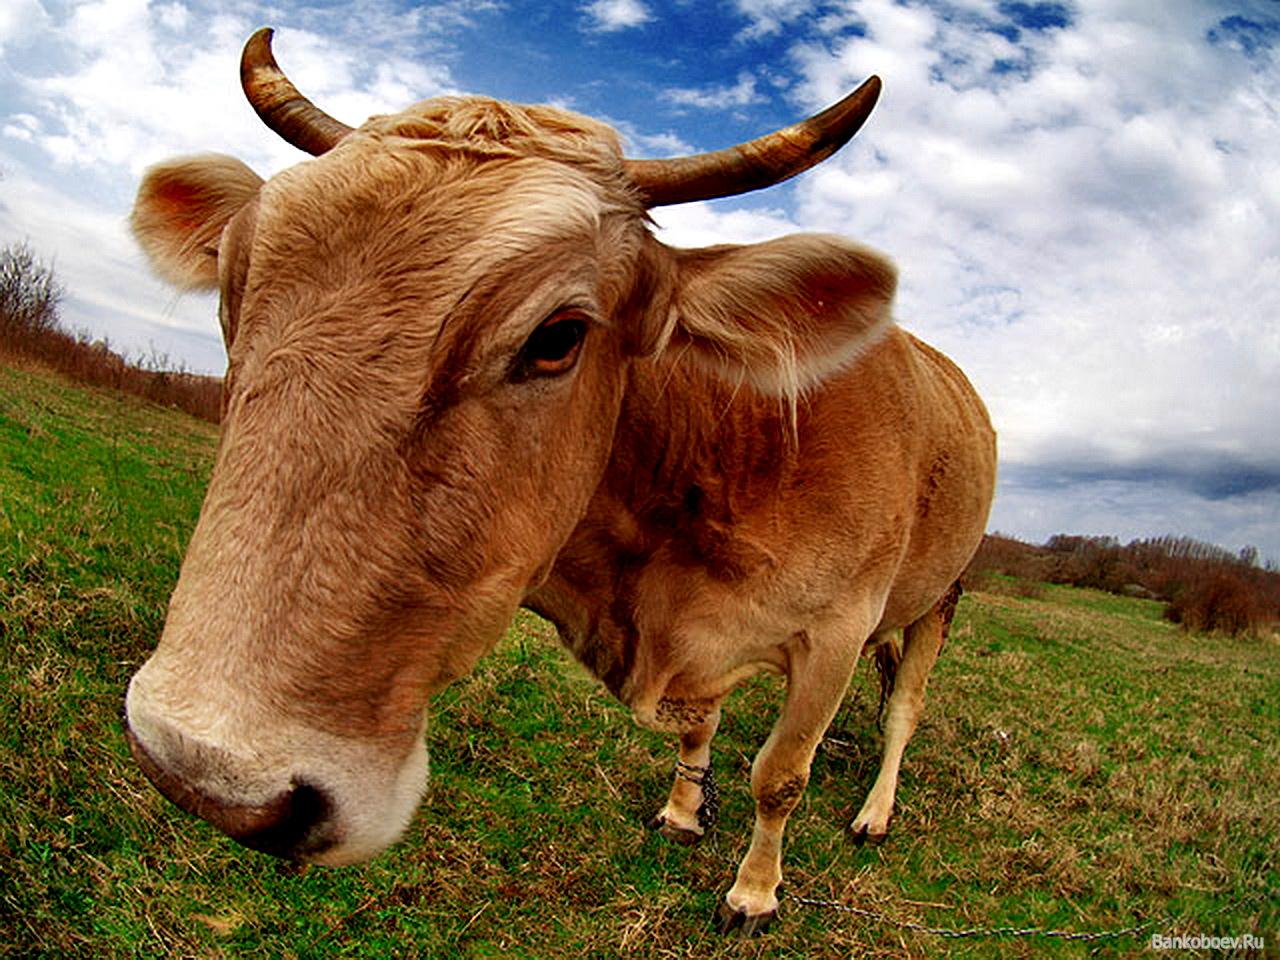 морда коровы крупным планом, скачать фото, обои на рабочий стол